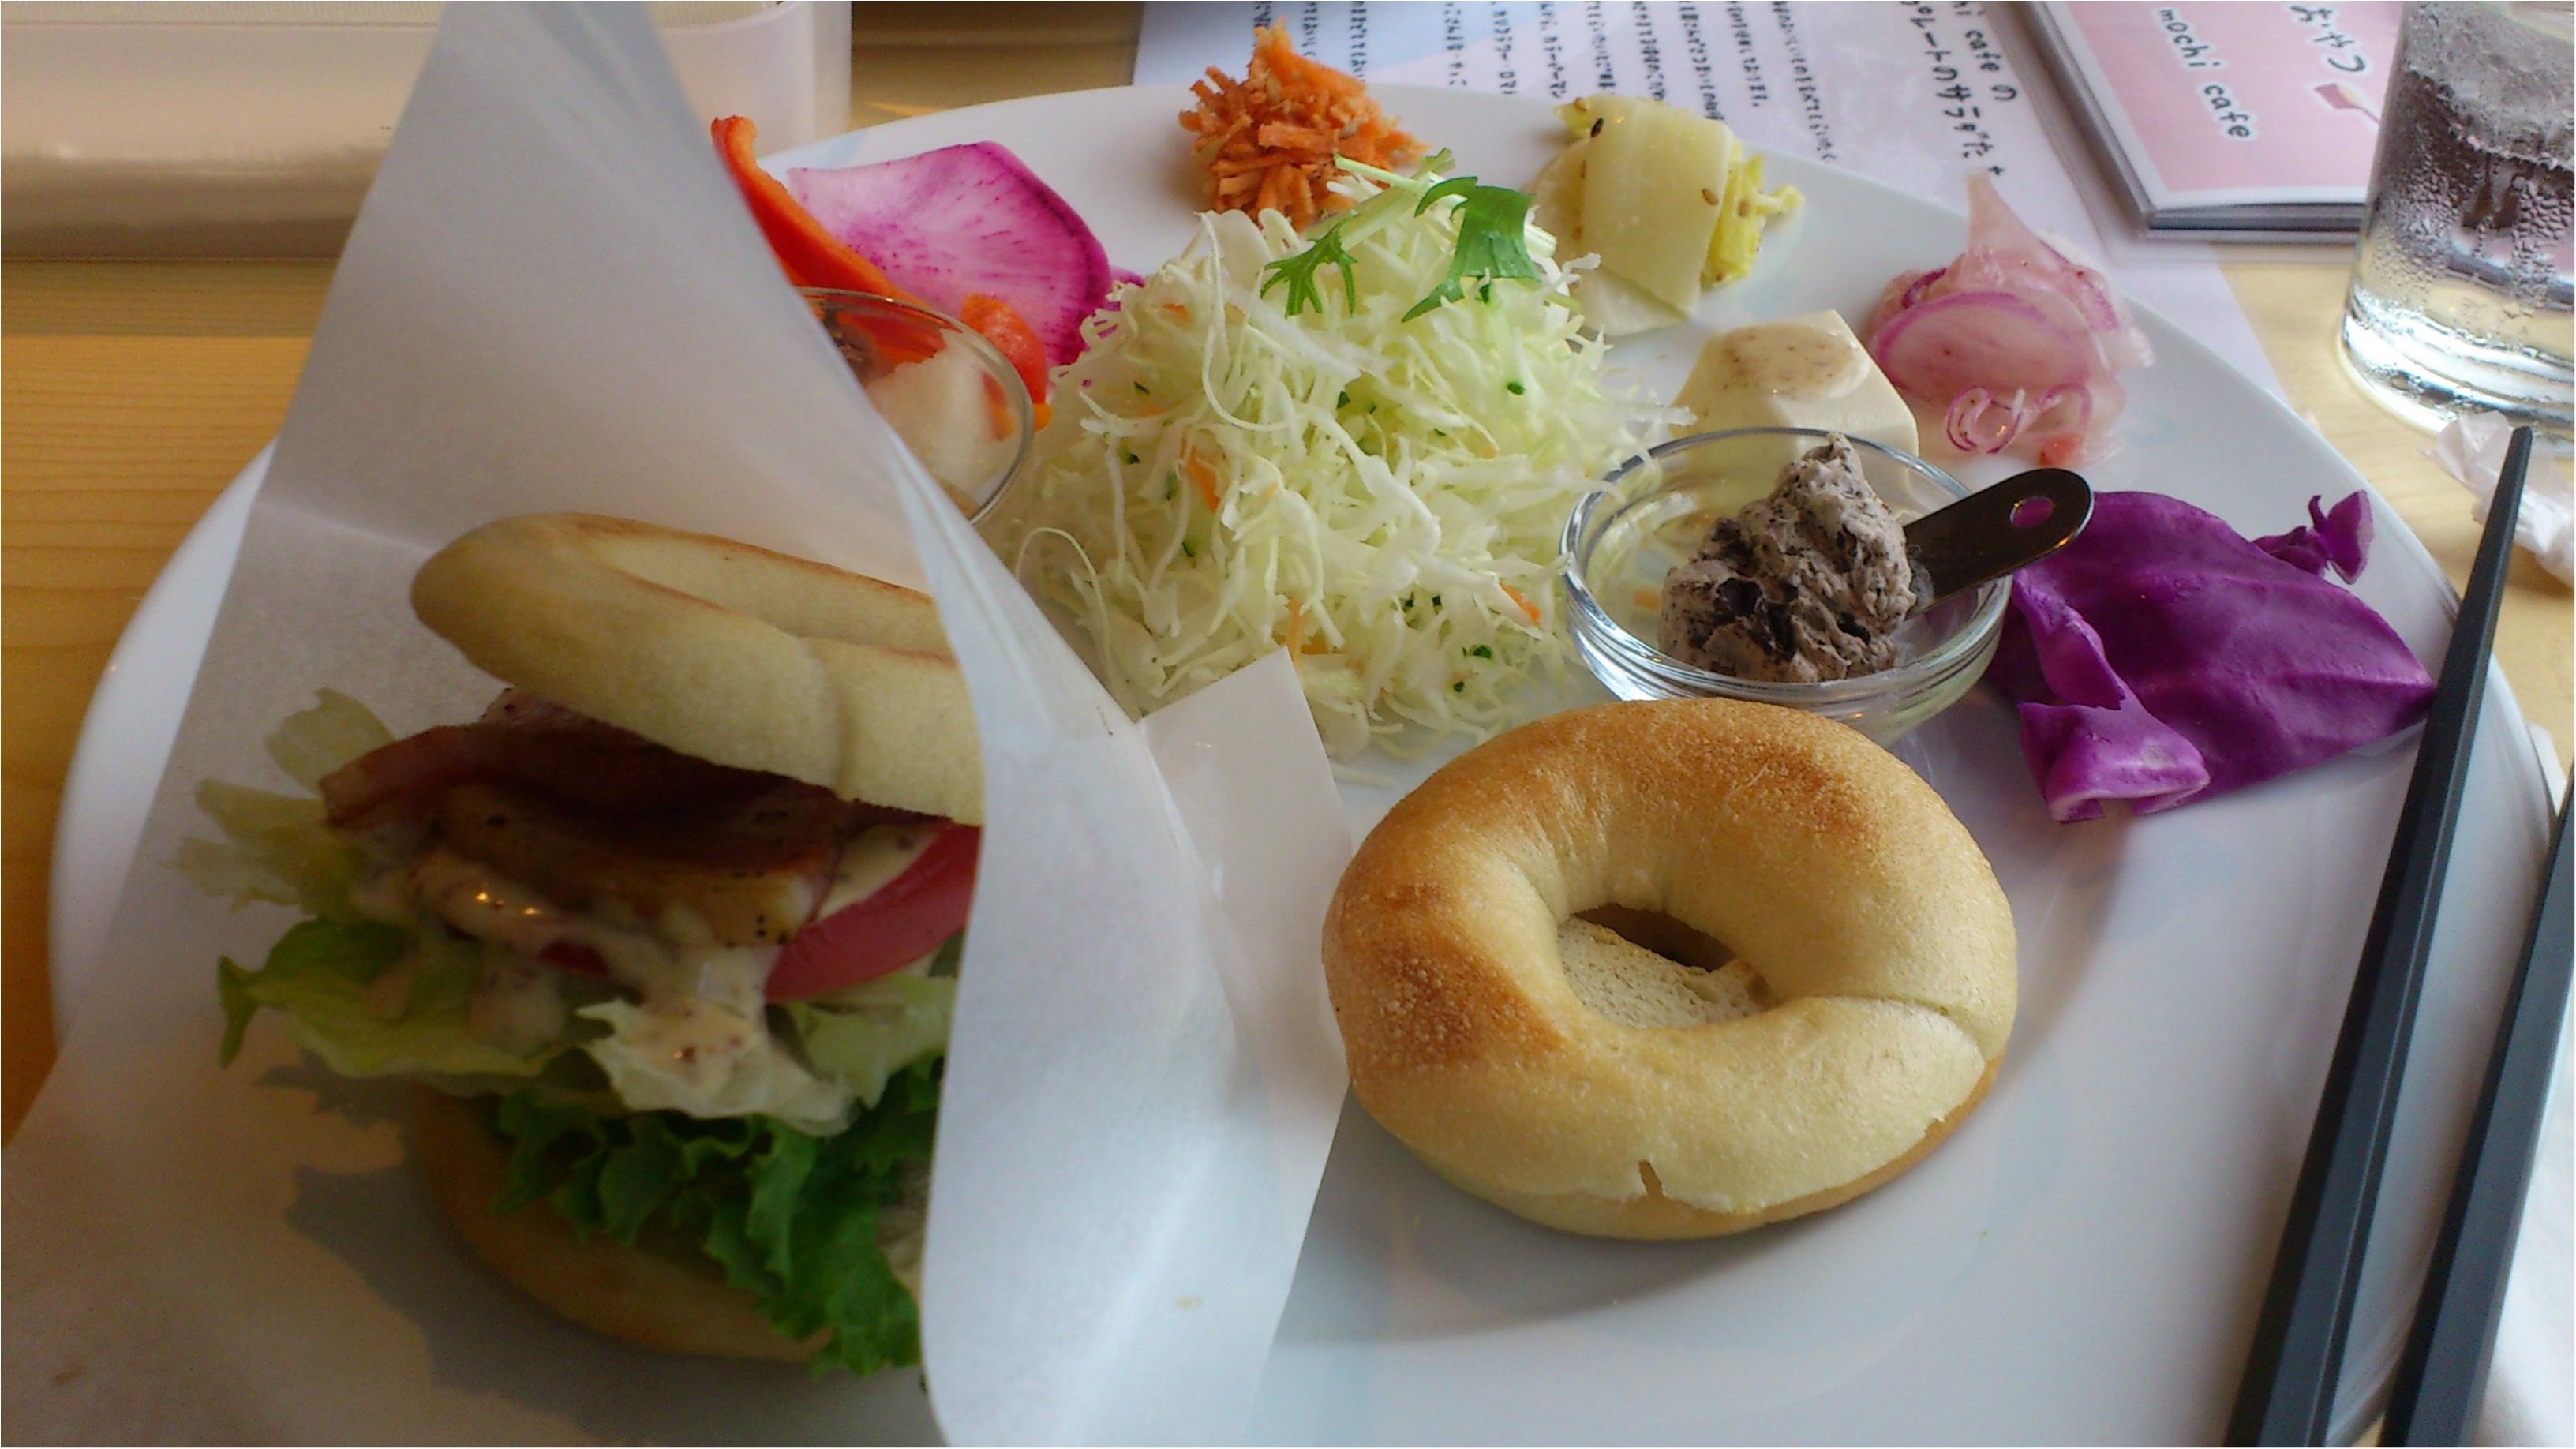 ベーグルバーガー、ドーナツの種類が豊富!【ふわもち邸カフェ】のランチ_1